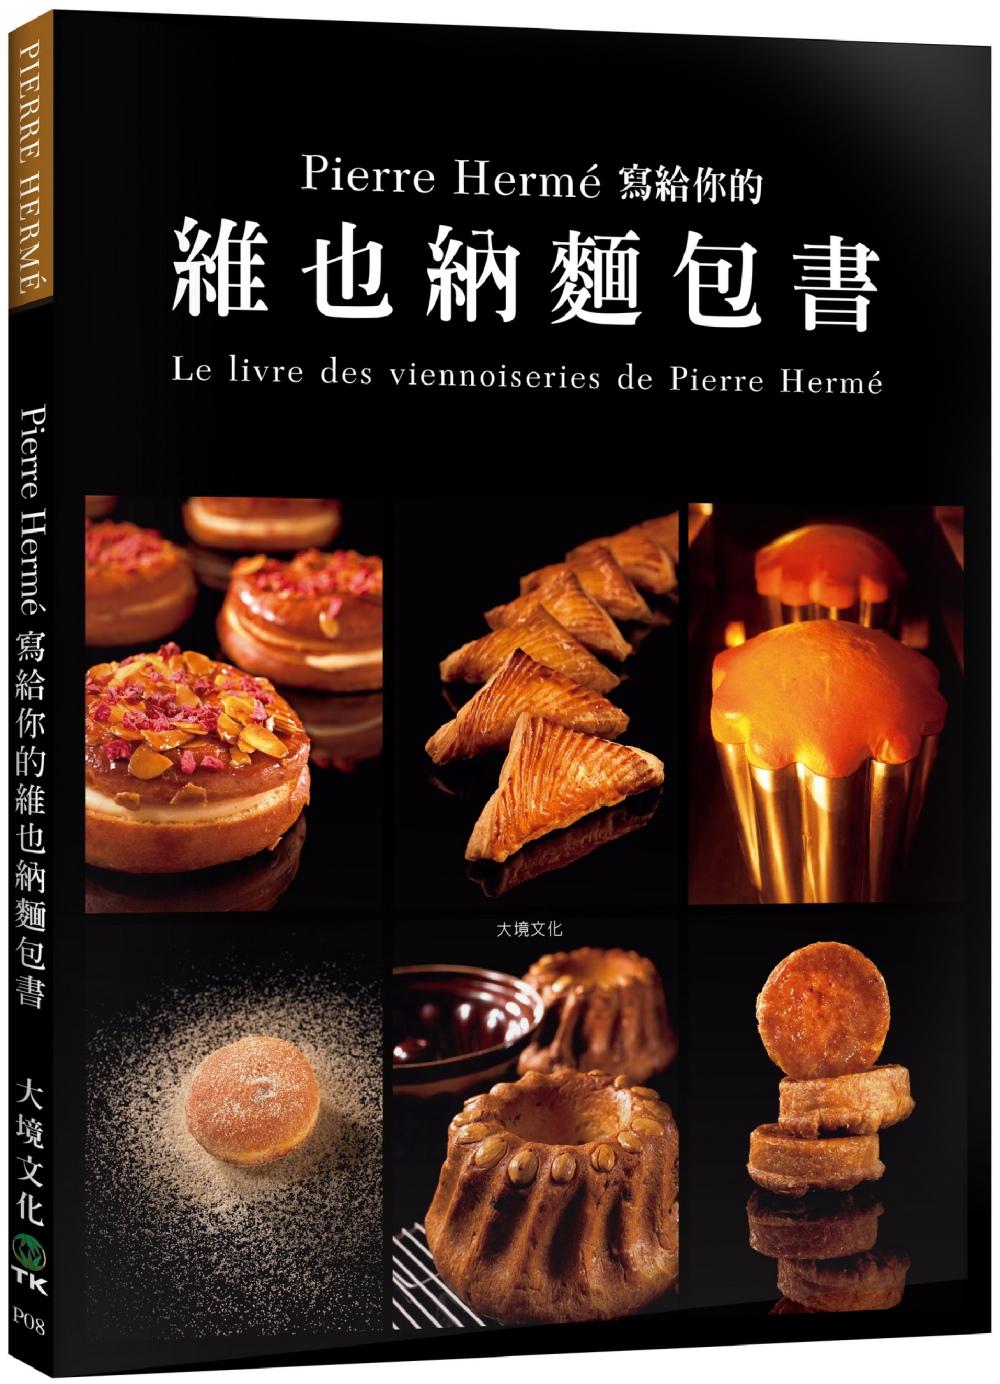 Pierre Hermé 寫給你的維也納麵包書:29道精選維也納麵包.561張詳細步驟圖,掌握大師最受歡迎的獨創配方